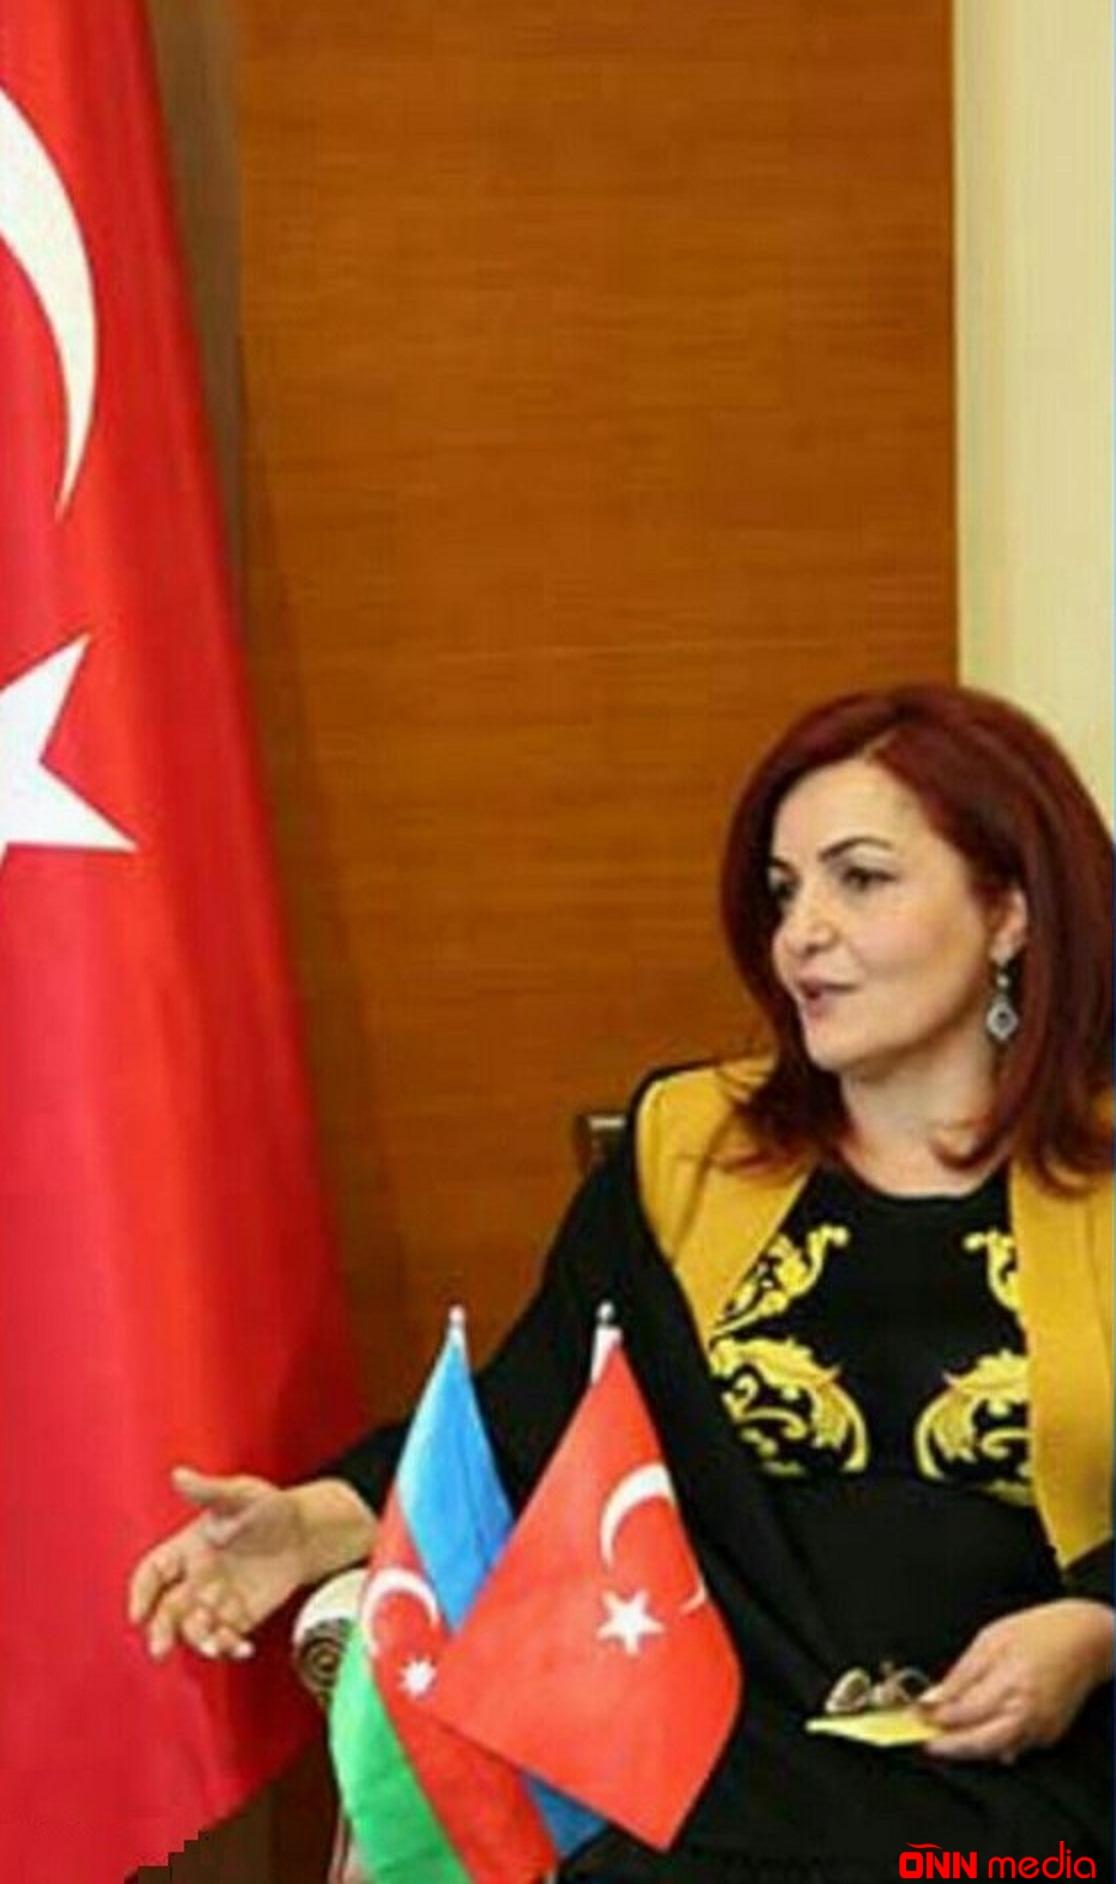 Aygün Attardan elmi ictimaiyyət və geniş oxucu kütləsi üçün möhtəşəm siyasi-tarixi kitab